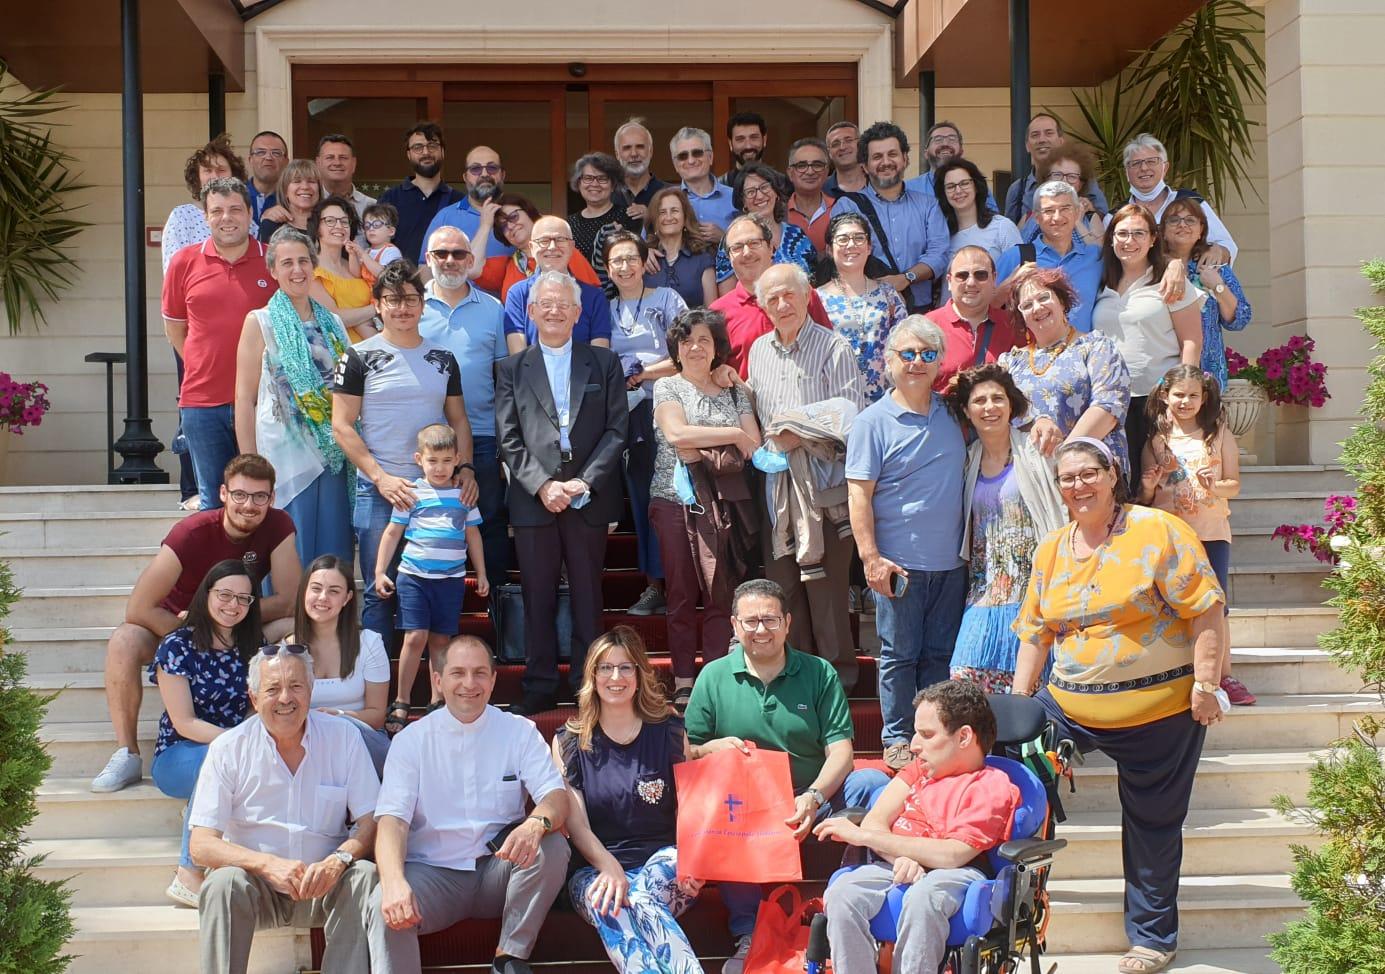 IN RICERCA DI PRATICHE VIRTUOSE: UN LABORATORIO DI STUDIO PER LE FAMIGLIE DI SICILIA